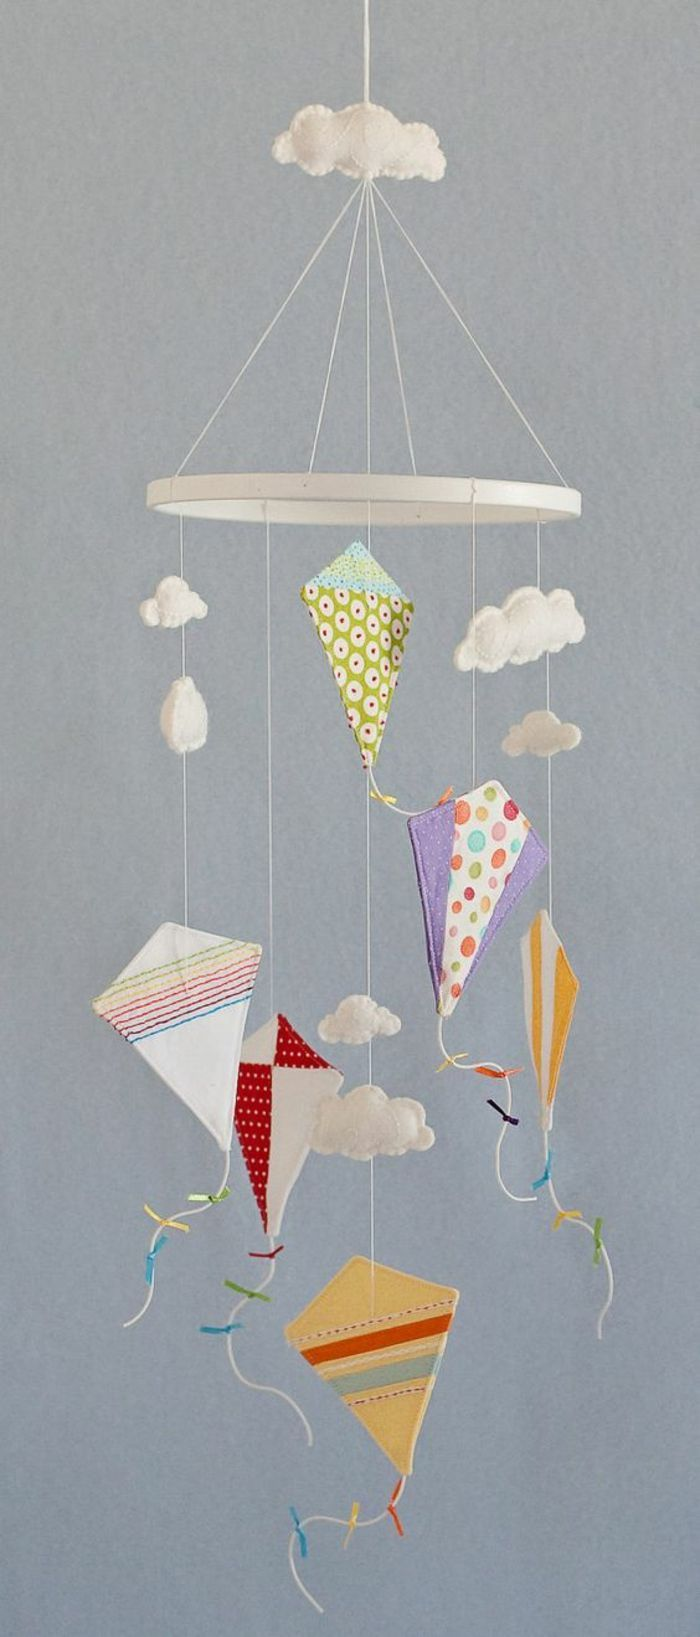 Drachen basteln als Mobile fürs Kinderzimmer - Bastelideen mit Stoff.